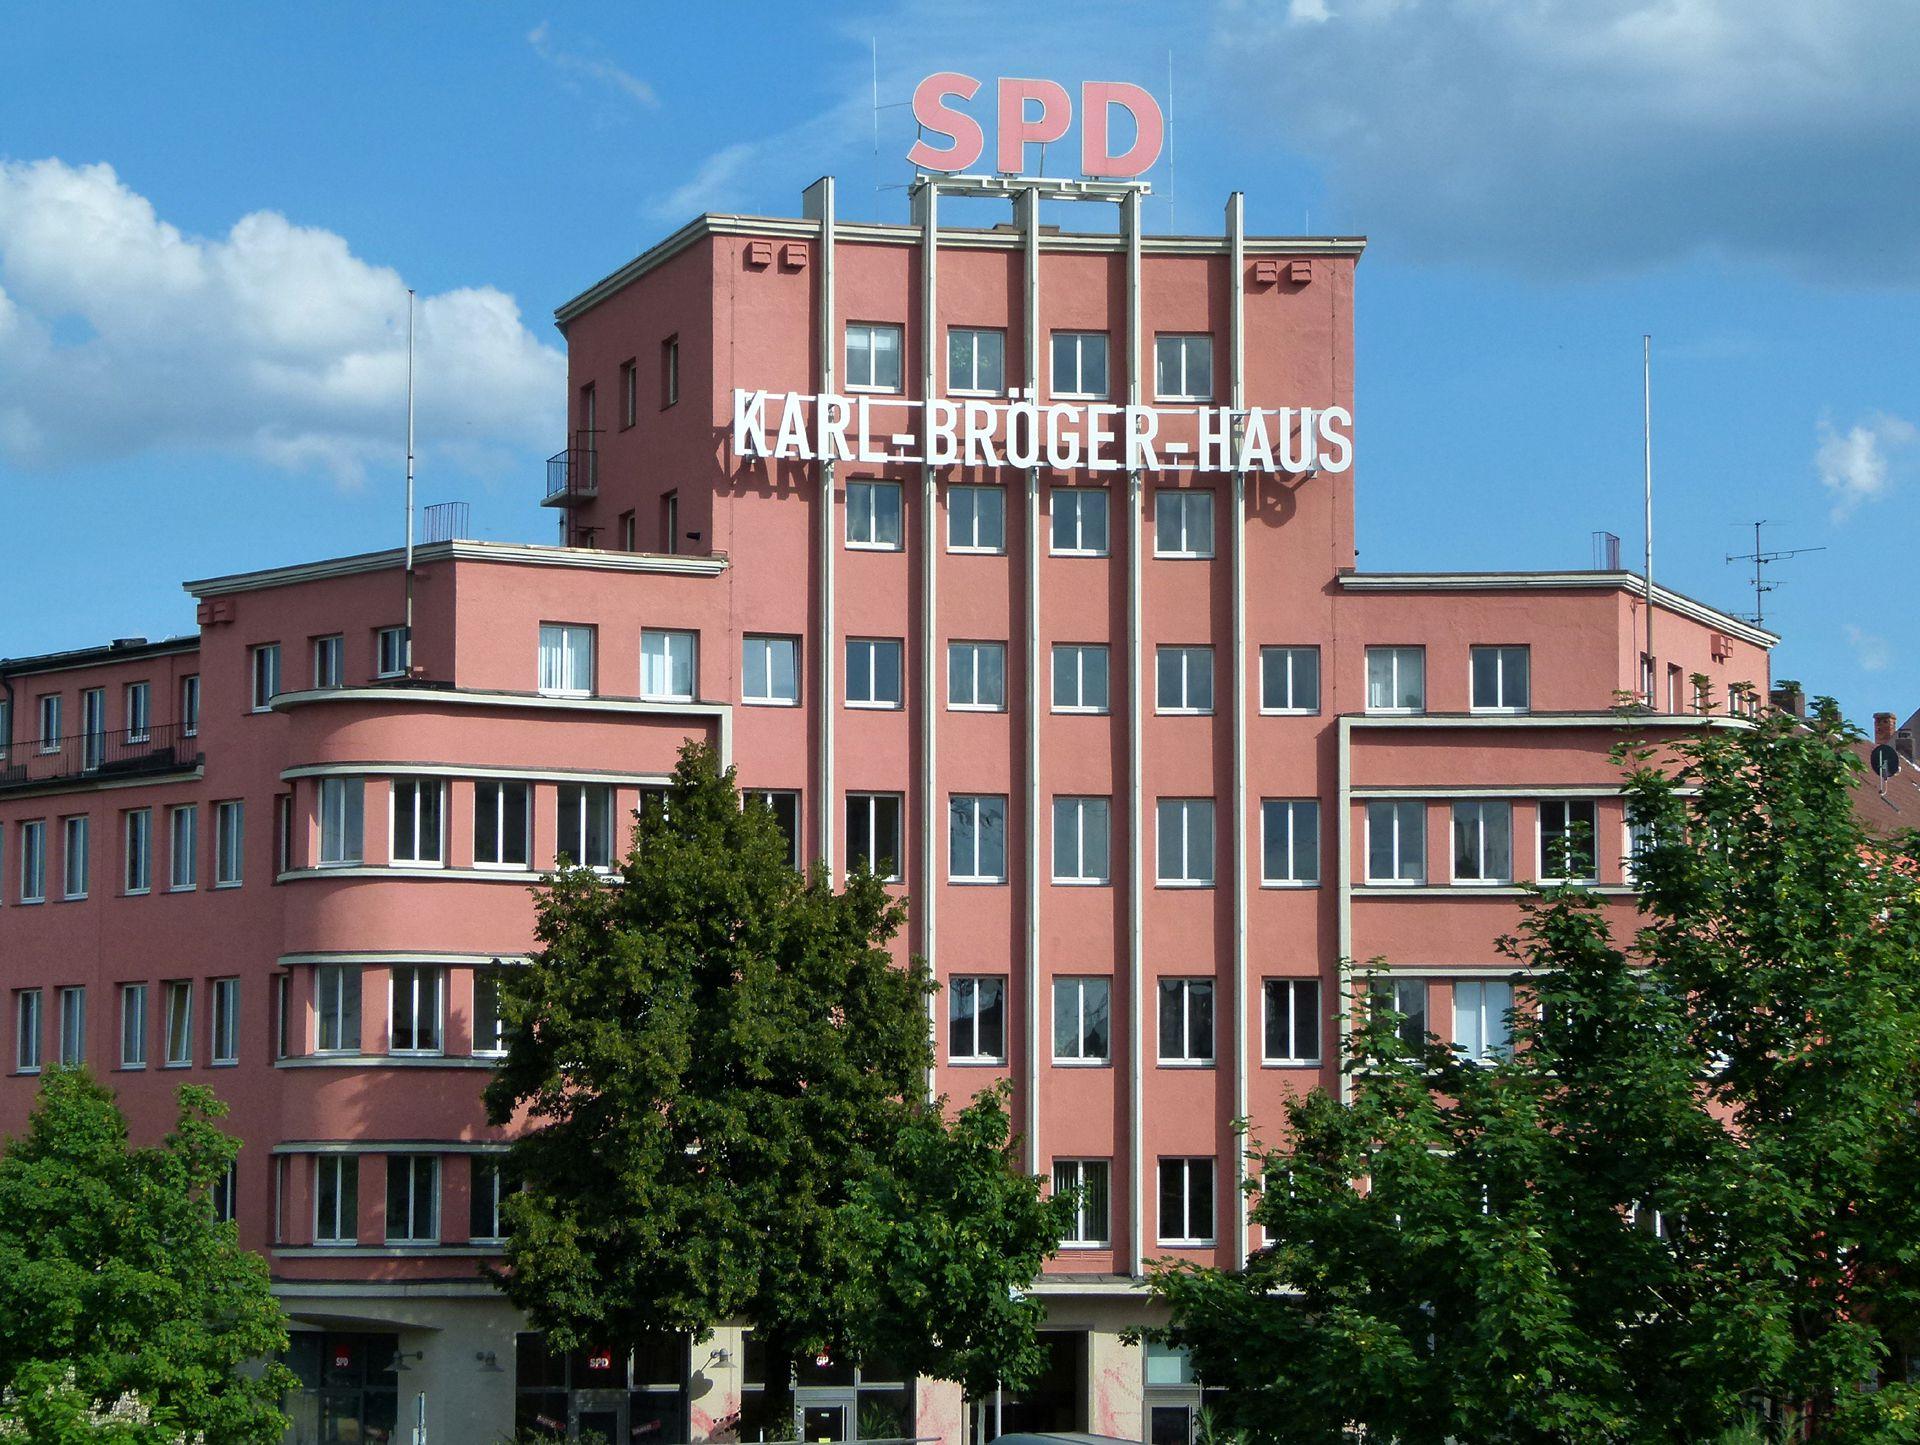 Verlagshaus der Fränkischen Tagespost Ansicht vom Bahndamm